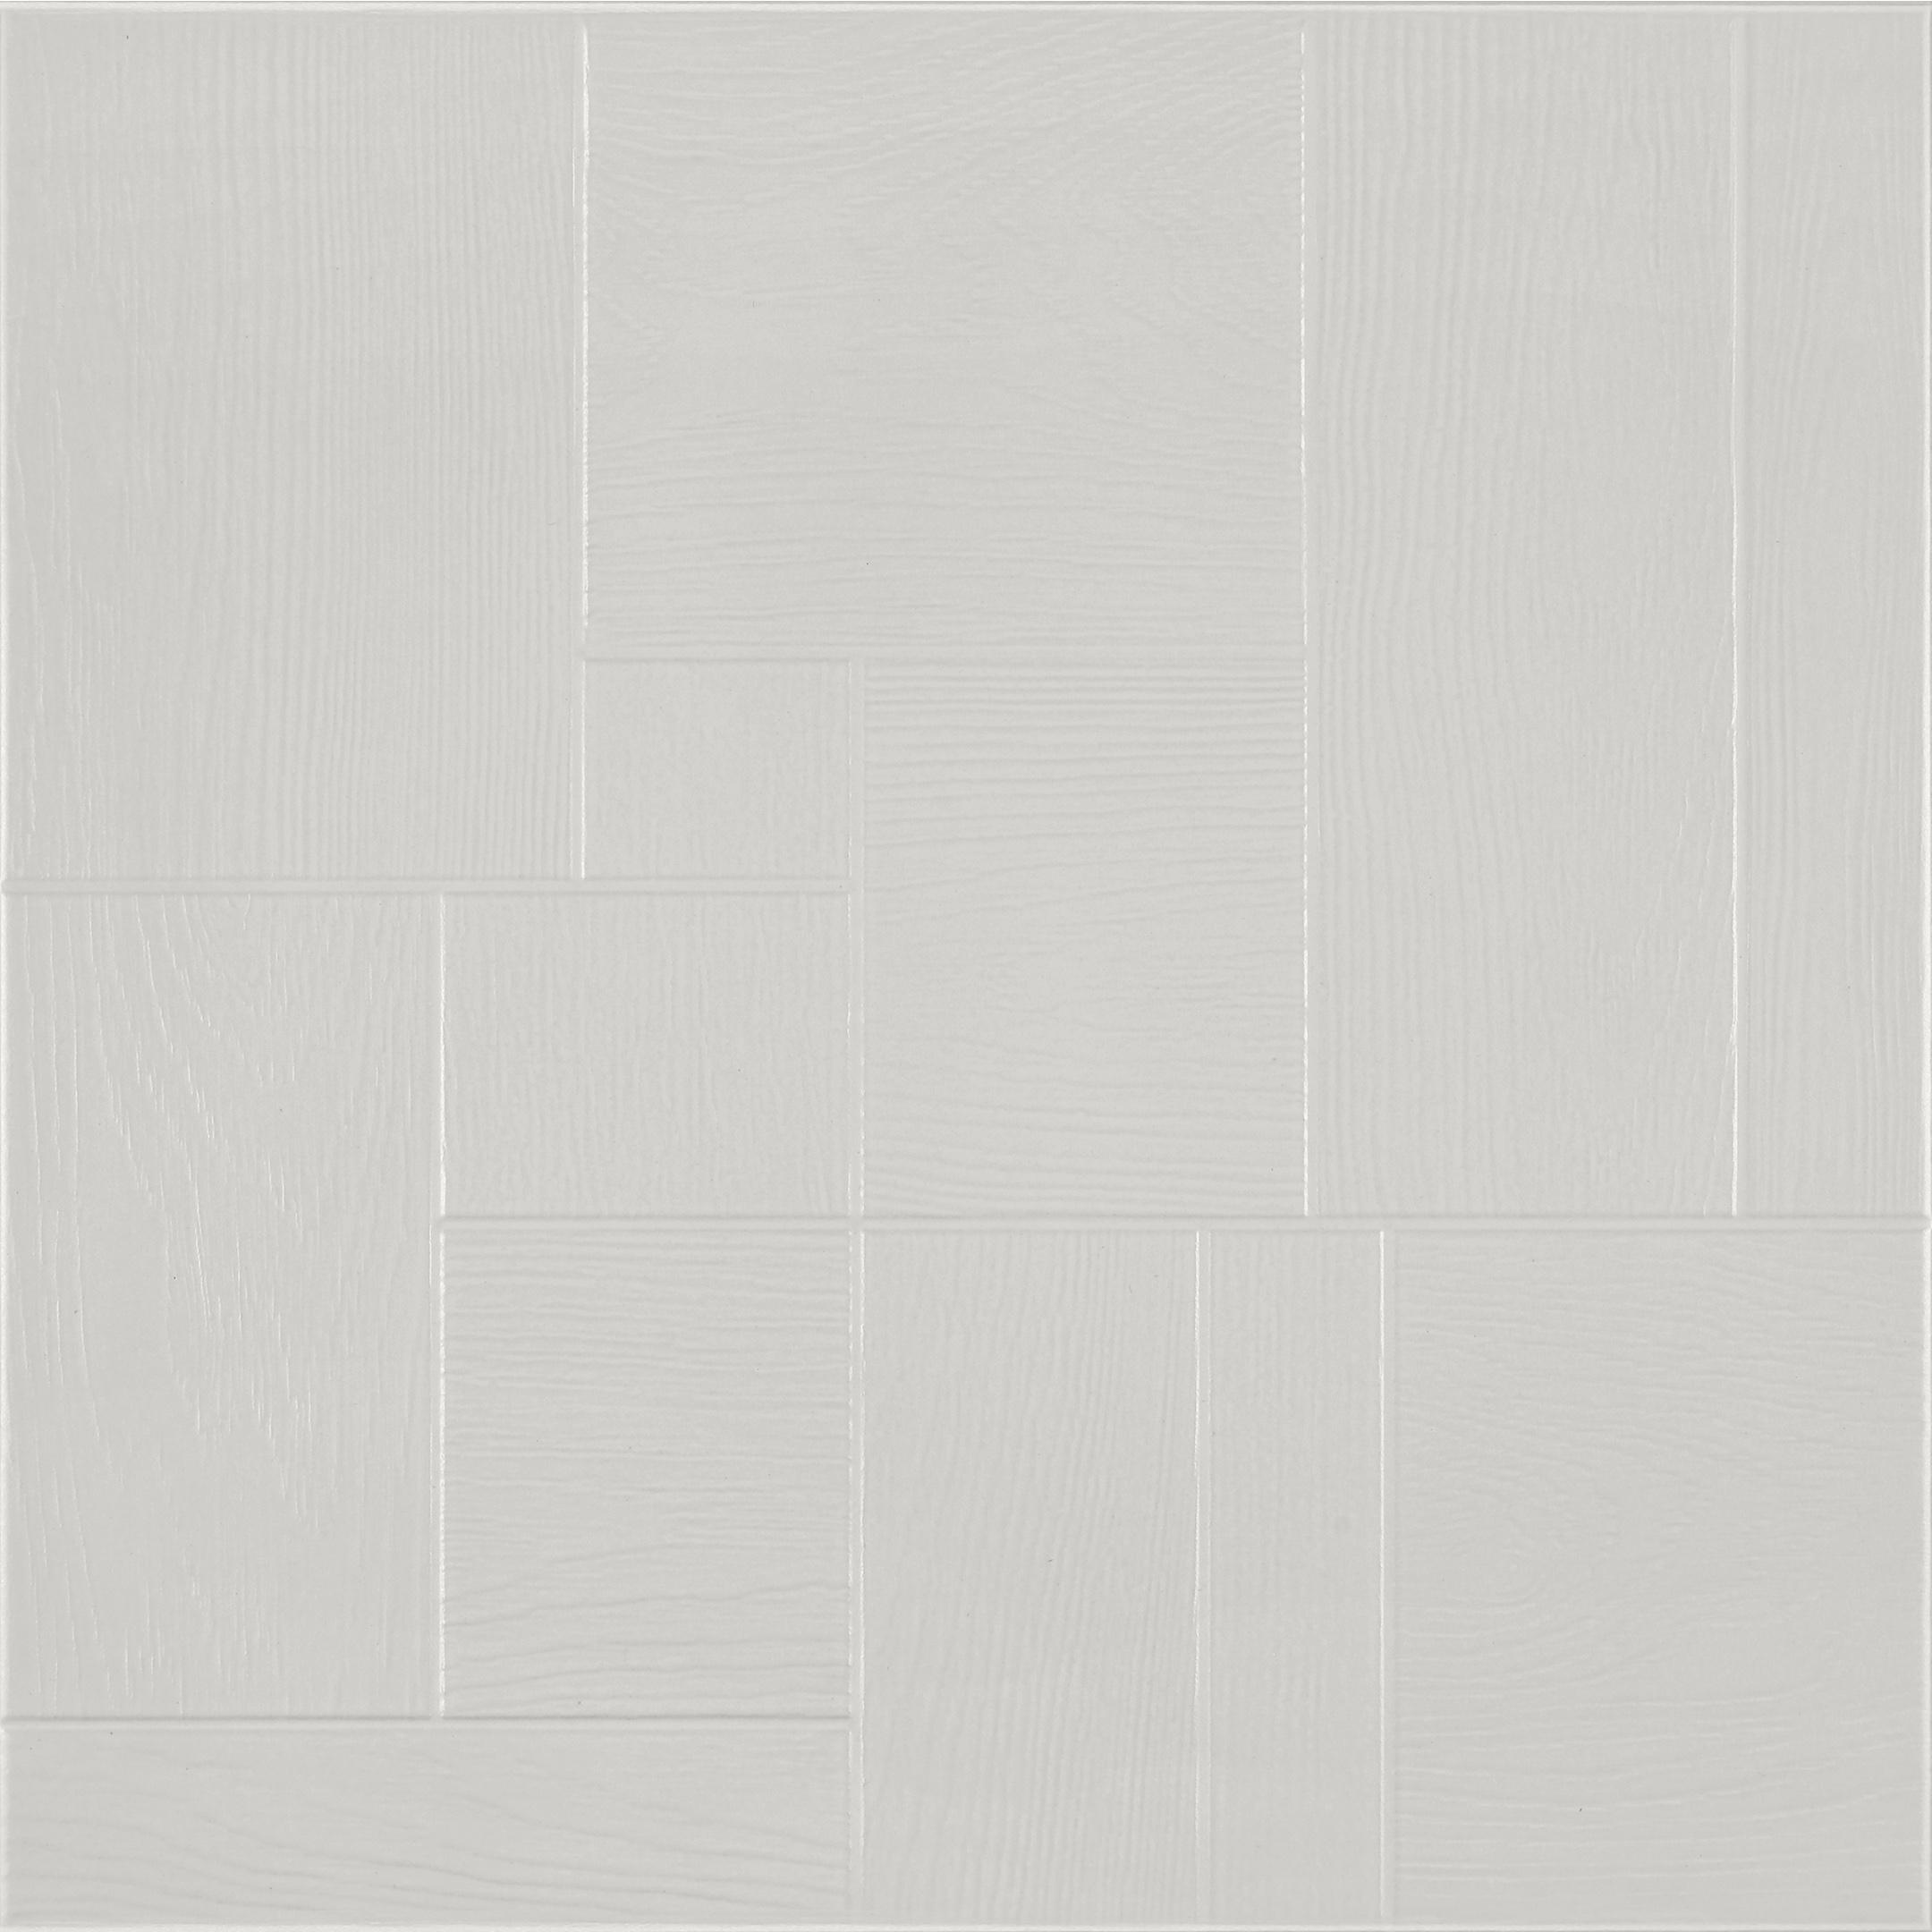 Керамогранит Gracia Ceramica Bianca белый 01 450x450x8 мм (8 шт.=1,62 кв.м) фото